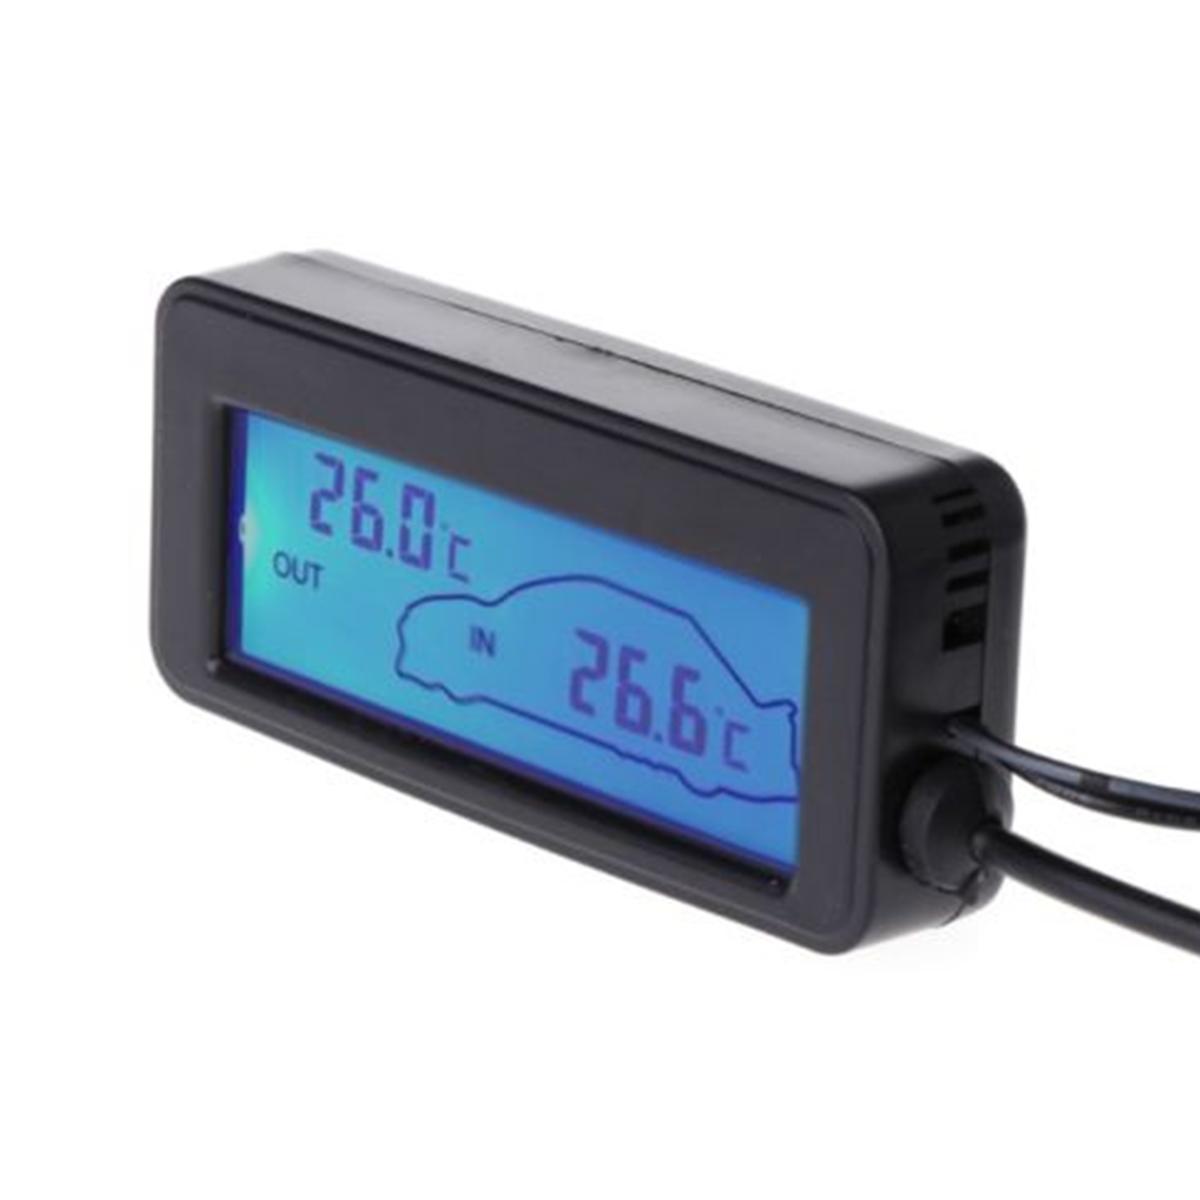 1 Mini termómetro Digital LCD con pantalla para coche Inter/Exter, termómetro Digital integrado 35 Placa de control de acceso EMID 125KHZ RFID integrado Tablero de control DC12V Tablero de control normalmente cerrado